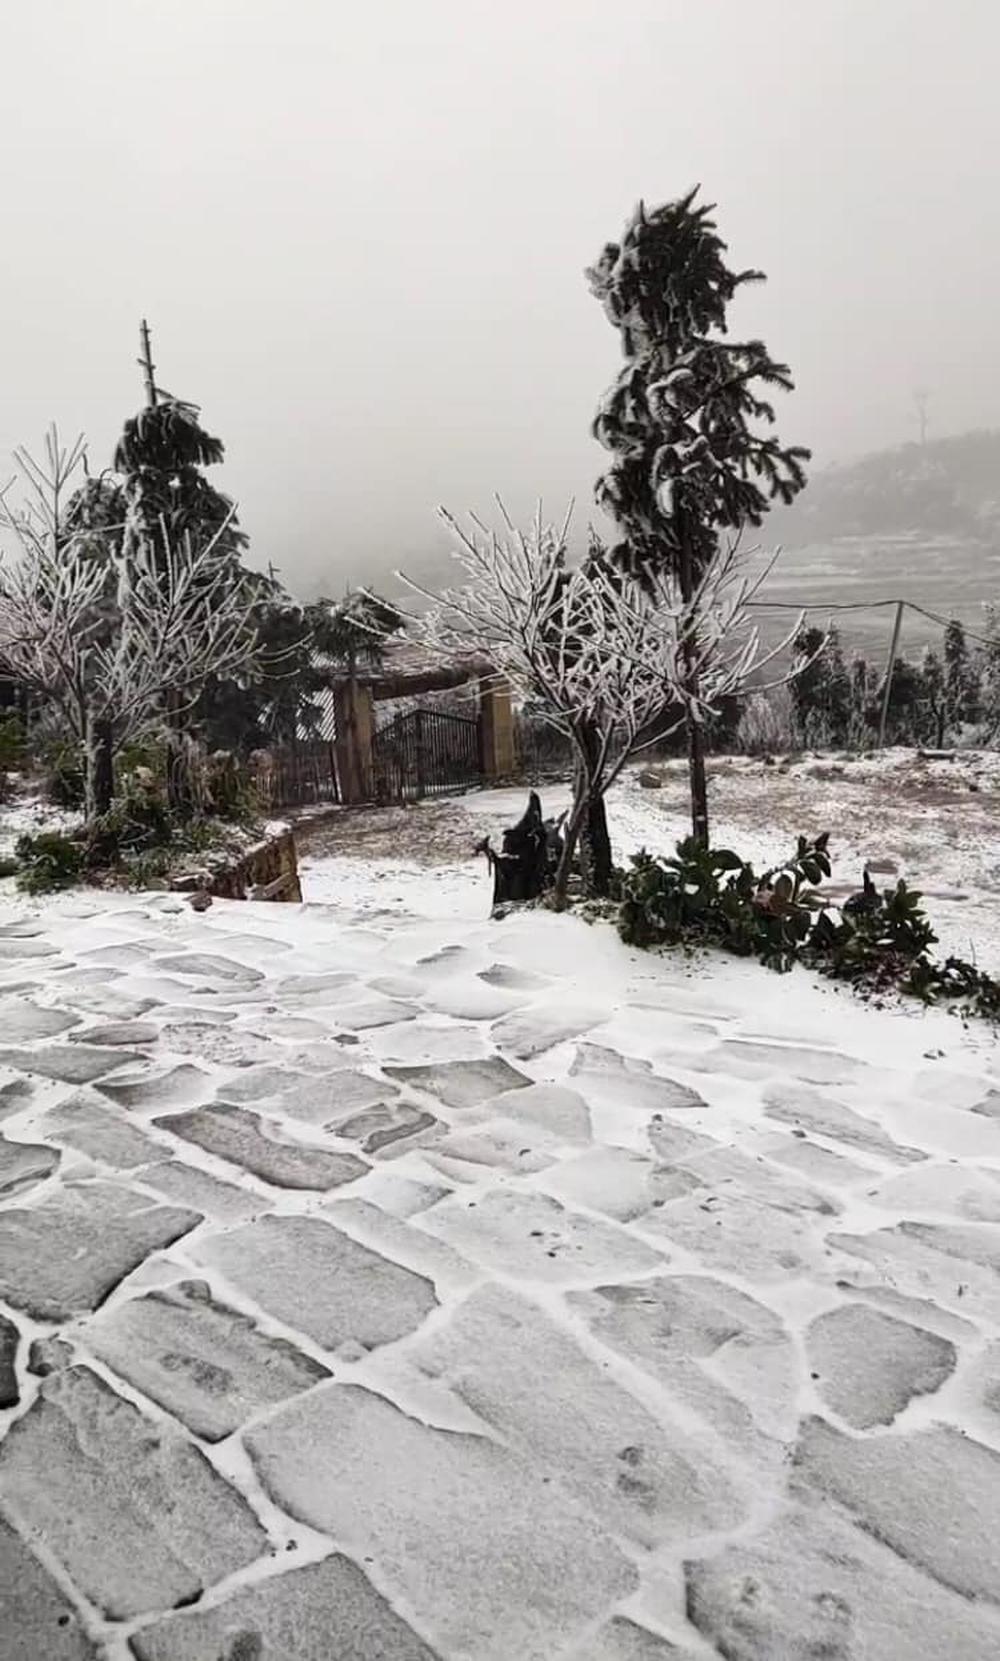 Y Tý tuyết rơi trắng xoá: Ảnh và clip liên tục được chia sẻ lên mạng xã hội - Ảnh 4.